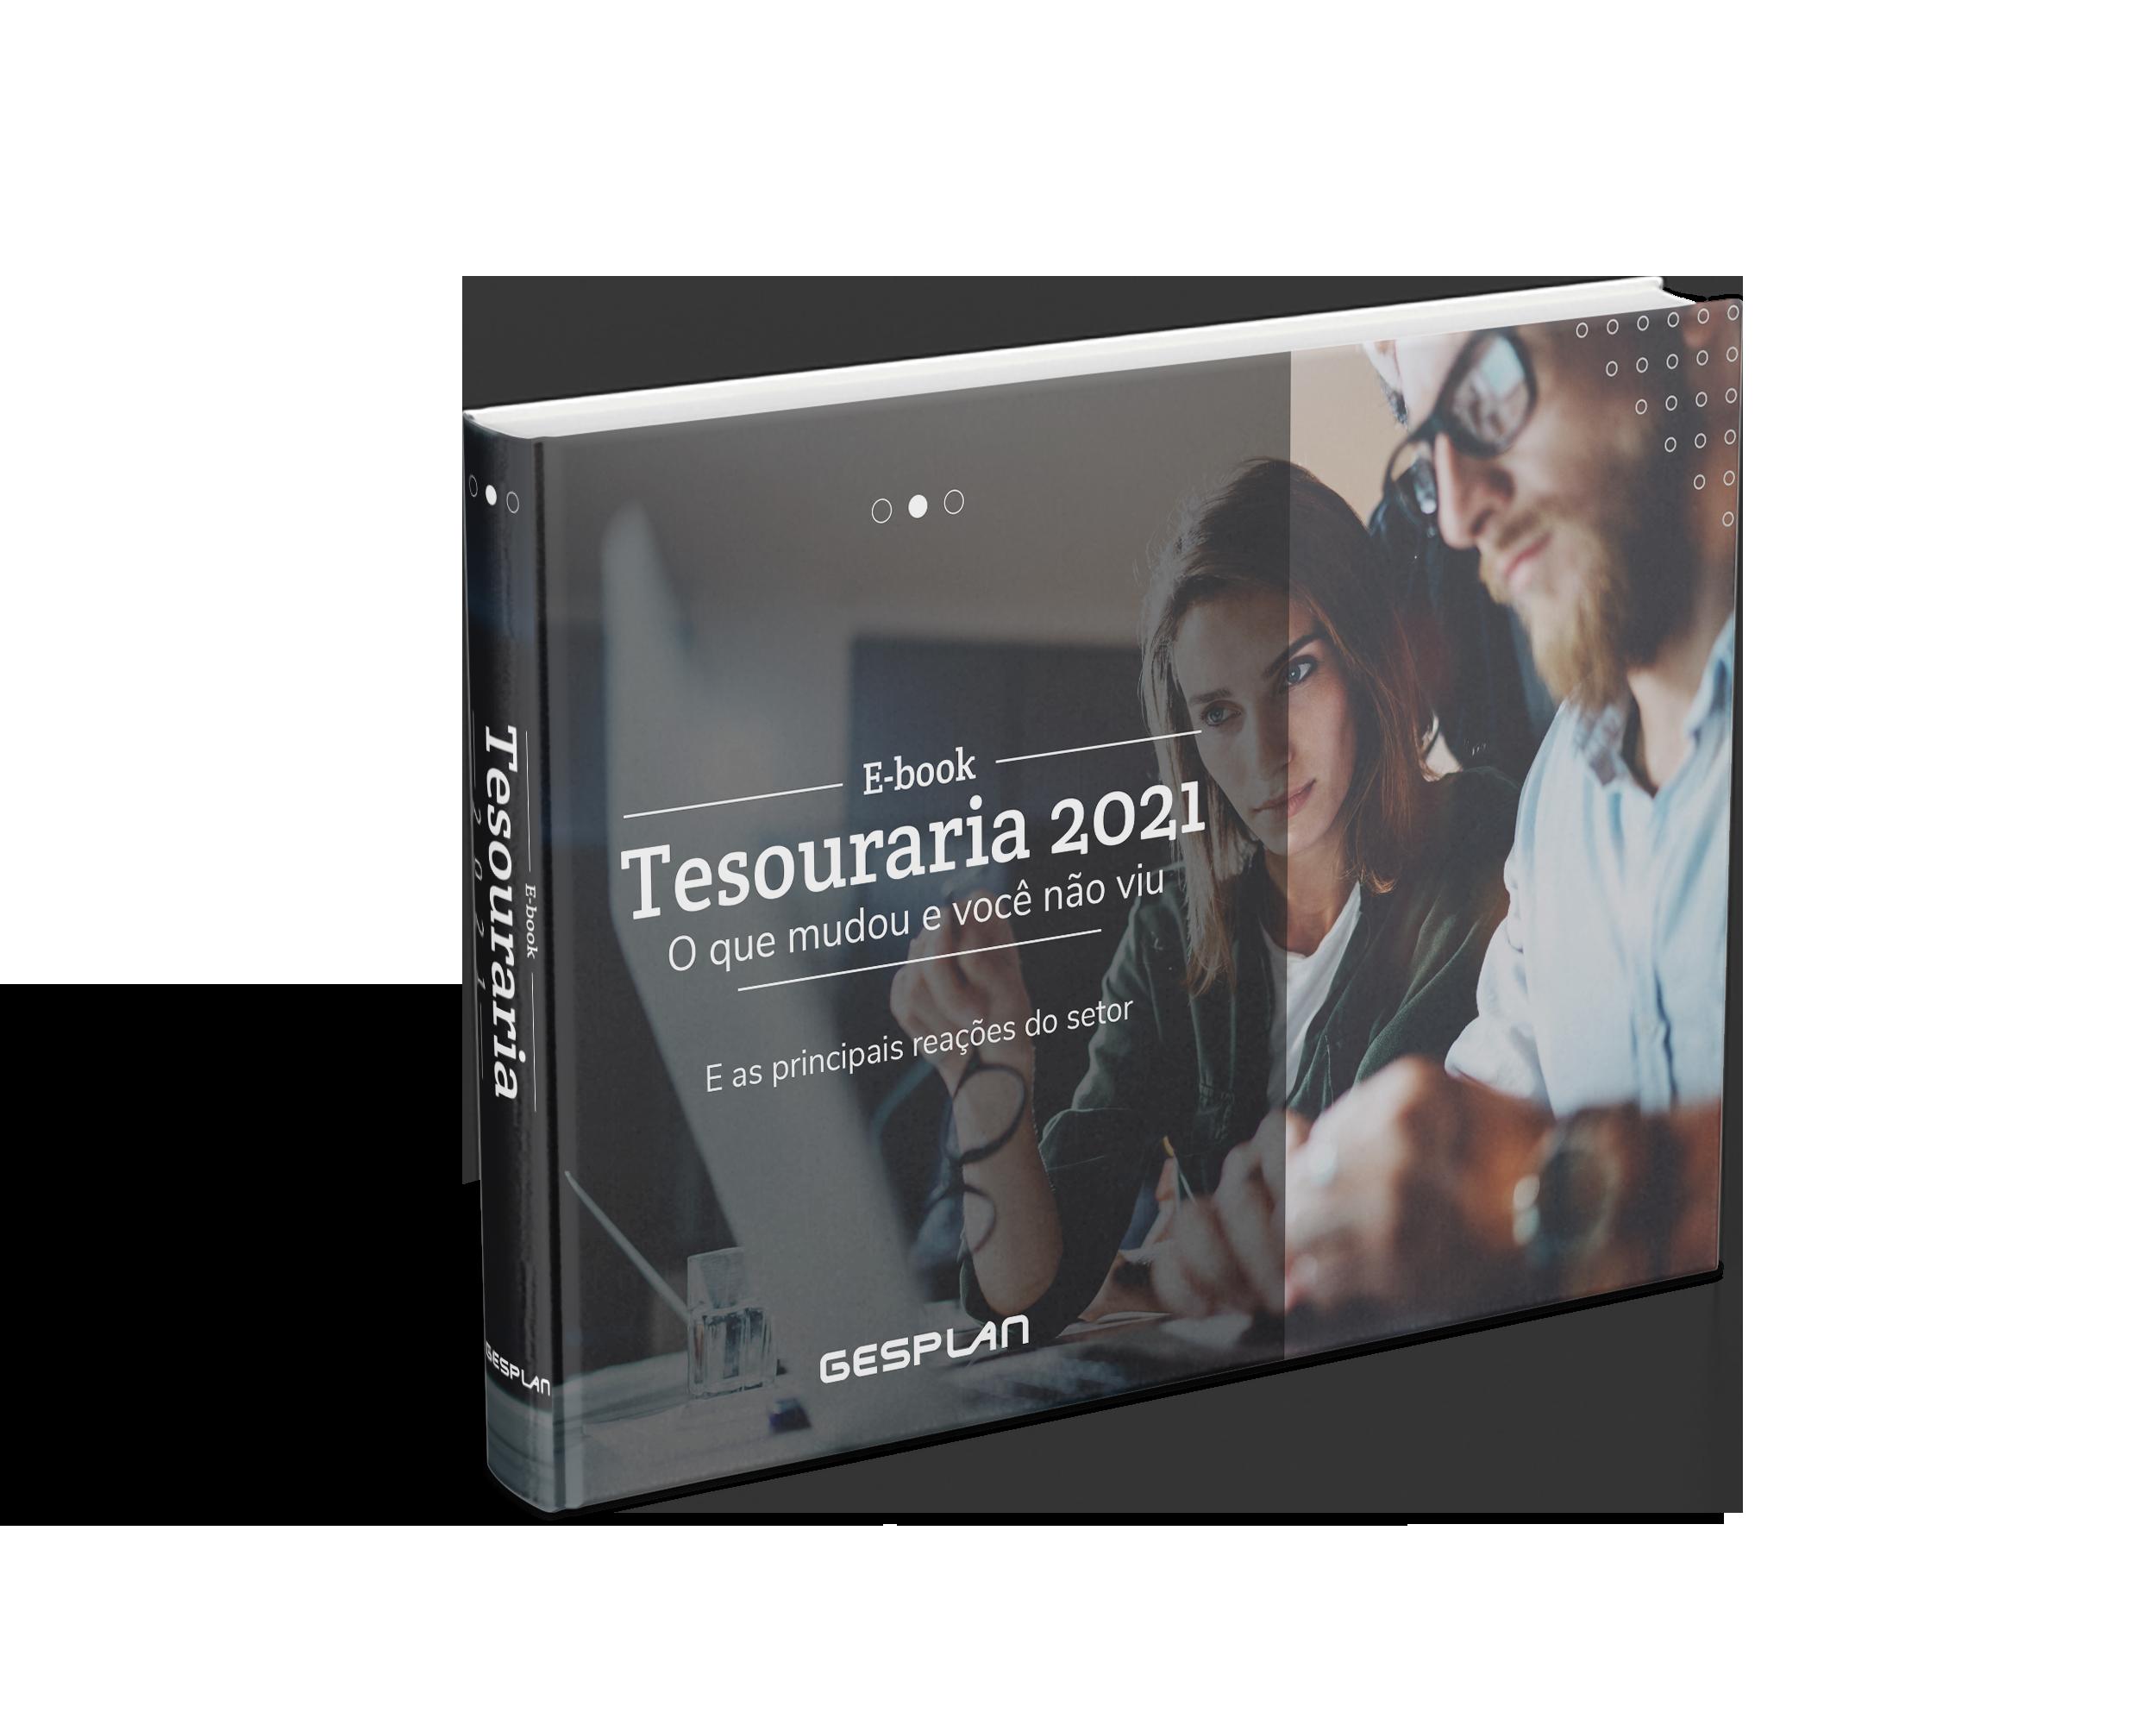 Tesouraria 2021